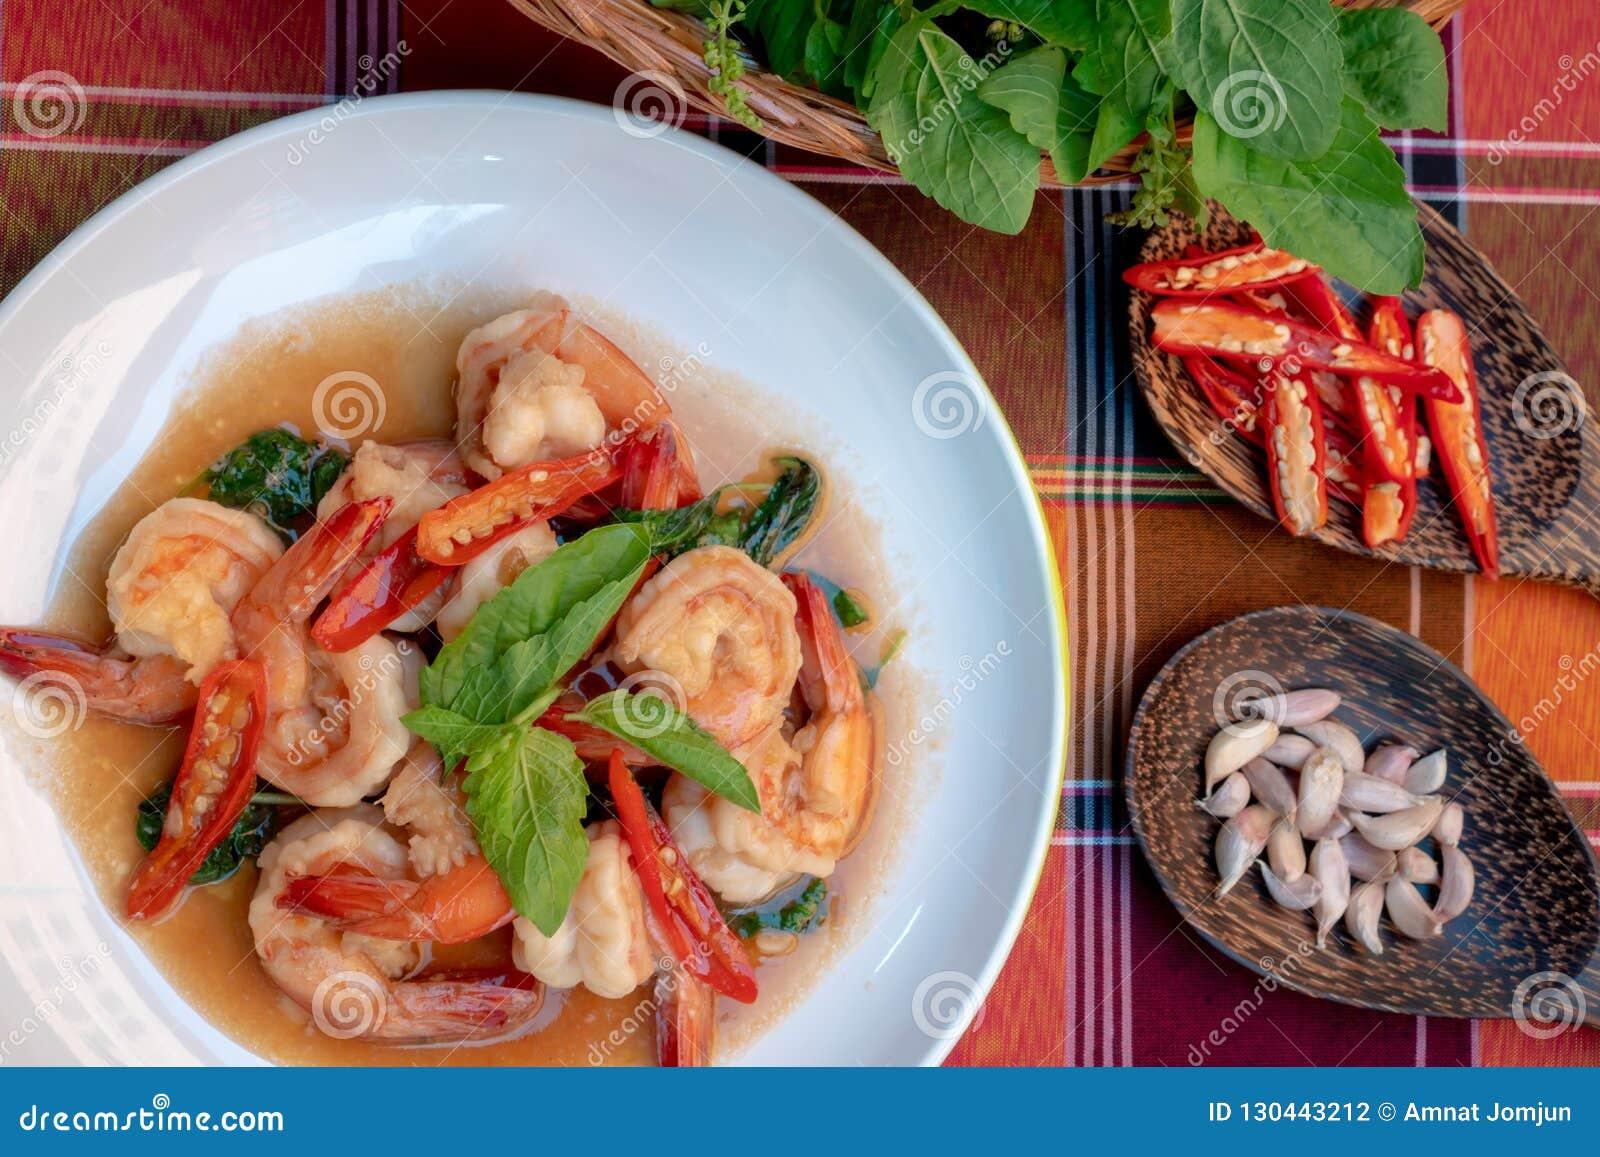 Camarones fritos con las hojas de la albahaca dulce, comida tailandesa picante